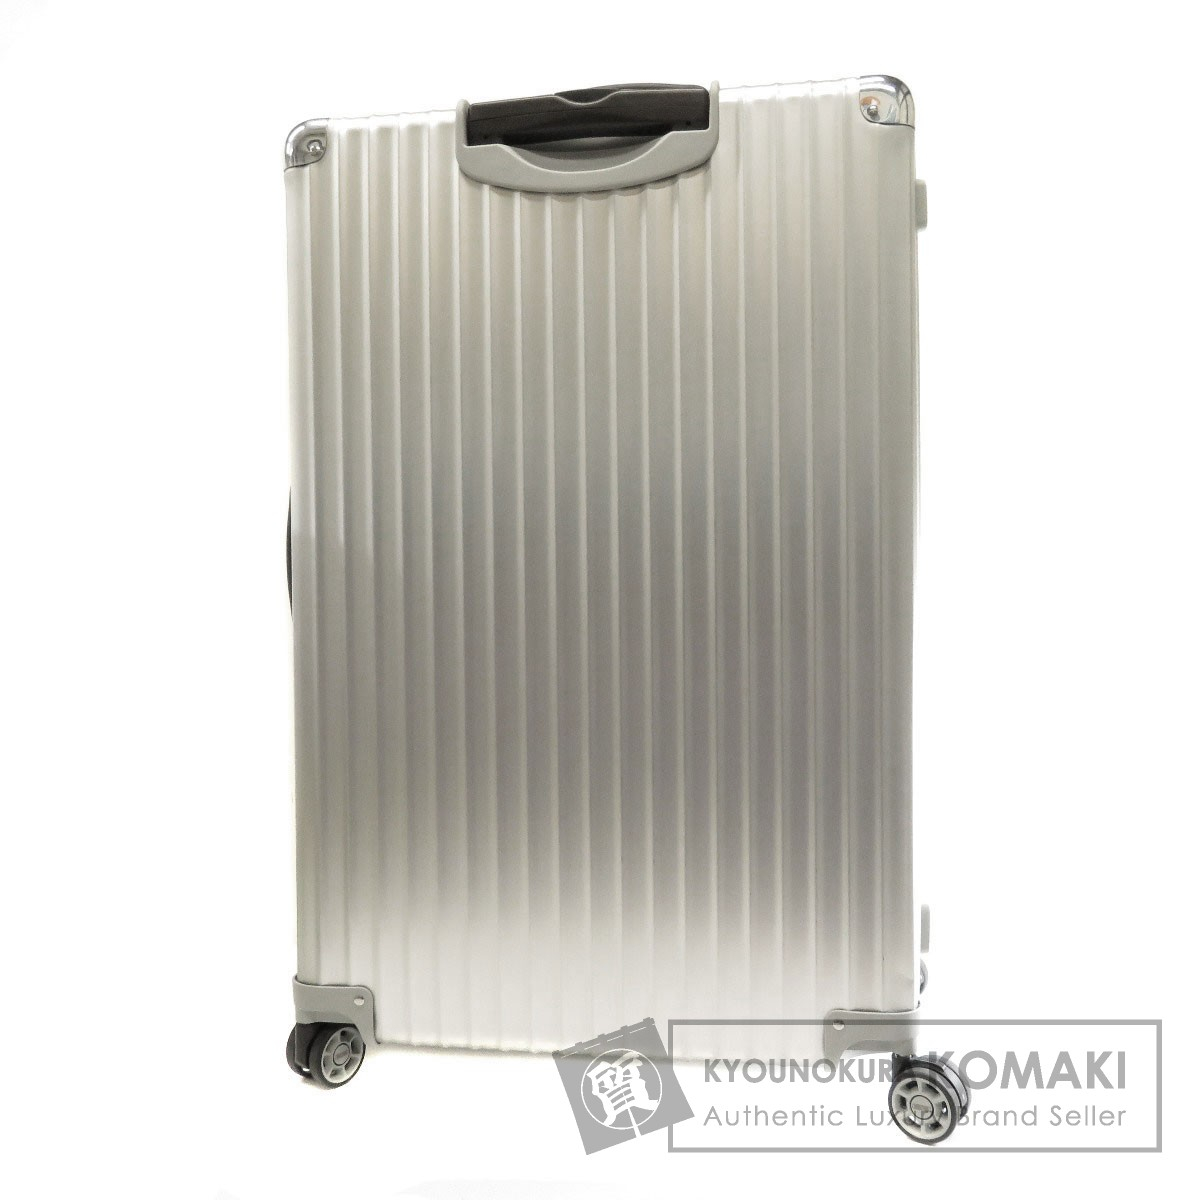 RIMOWA スーツケース キャリーバッグ アルミニウム ユニセックス 【中古】【リモワ】